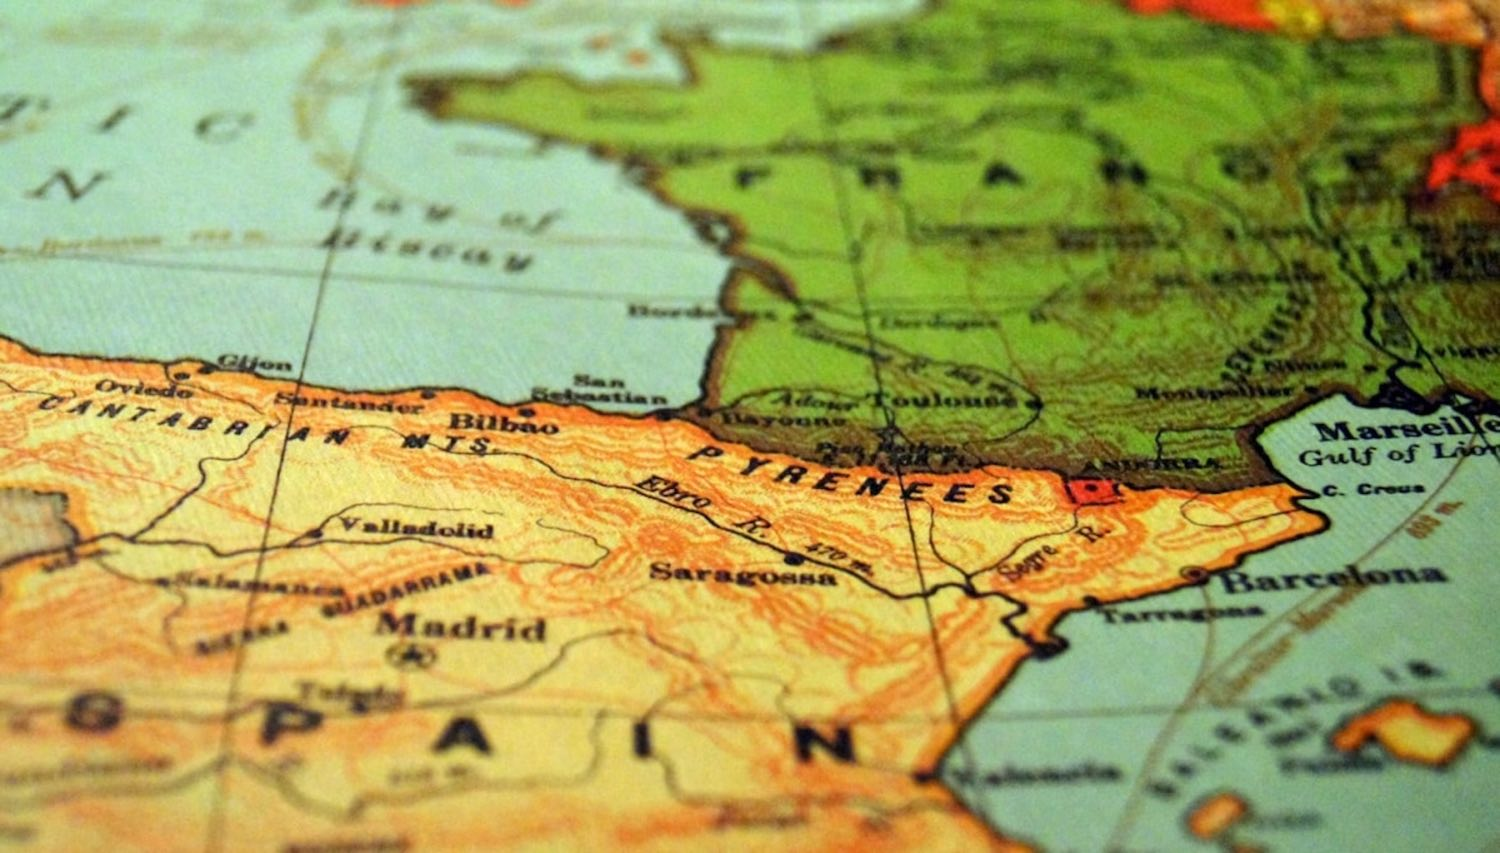 Abogados Inmigración en Madrid. Derecho de extranjería en Madrid y cita de extranjería.